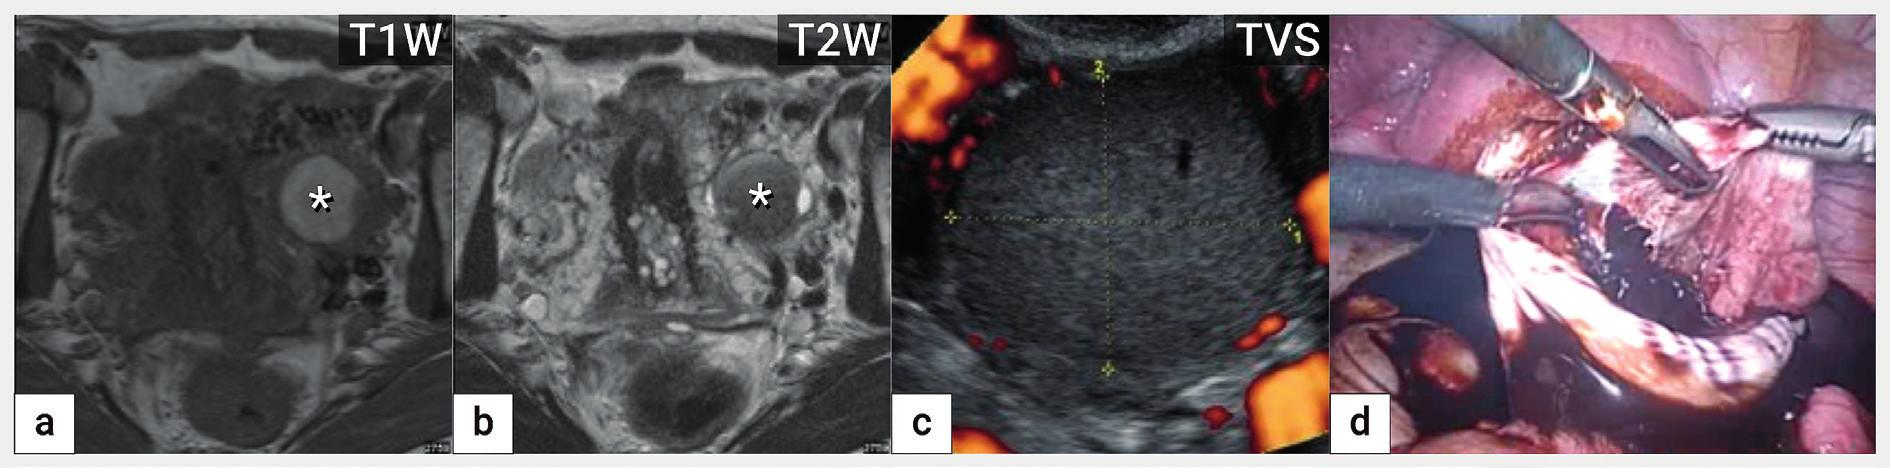 Endometroidní cysta<br> Zobrazení endometroidní cysty v magnetické rezonanci na podkladě přítomnosti rozpadových produktů hemoglobinu, která je v T1 váženém obrazu hyperintenzní (zvýšený signál) (a) a v T2 váženém obraze hypointenzní (tzv. shading) (b), v ultrazvukovém zobrazení patrná avaskulární unilokulární cysta s denzní hypoechogenní intracystickou tekutinou (c) a intraoperační nález z laparoskopické cystektomie (d). T1W a T2W – T1 a T2 vážené obrazy v magnetické rezonanci, TVS – transvaginální sonografie